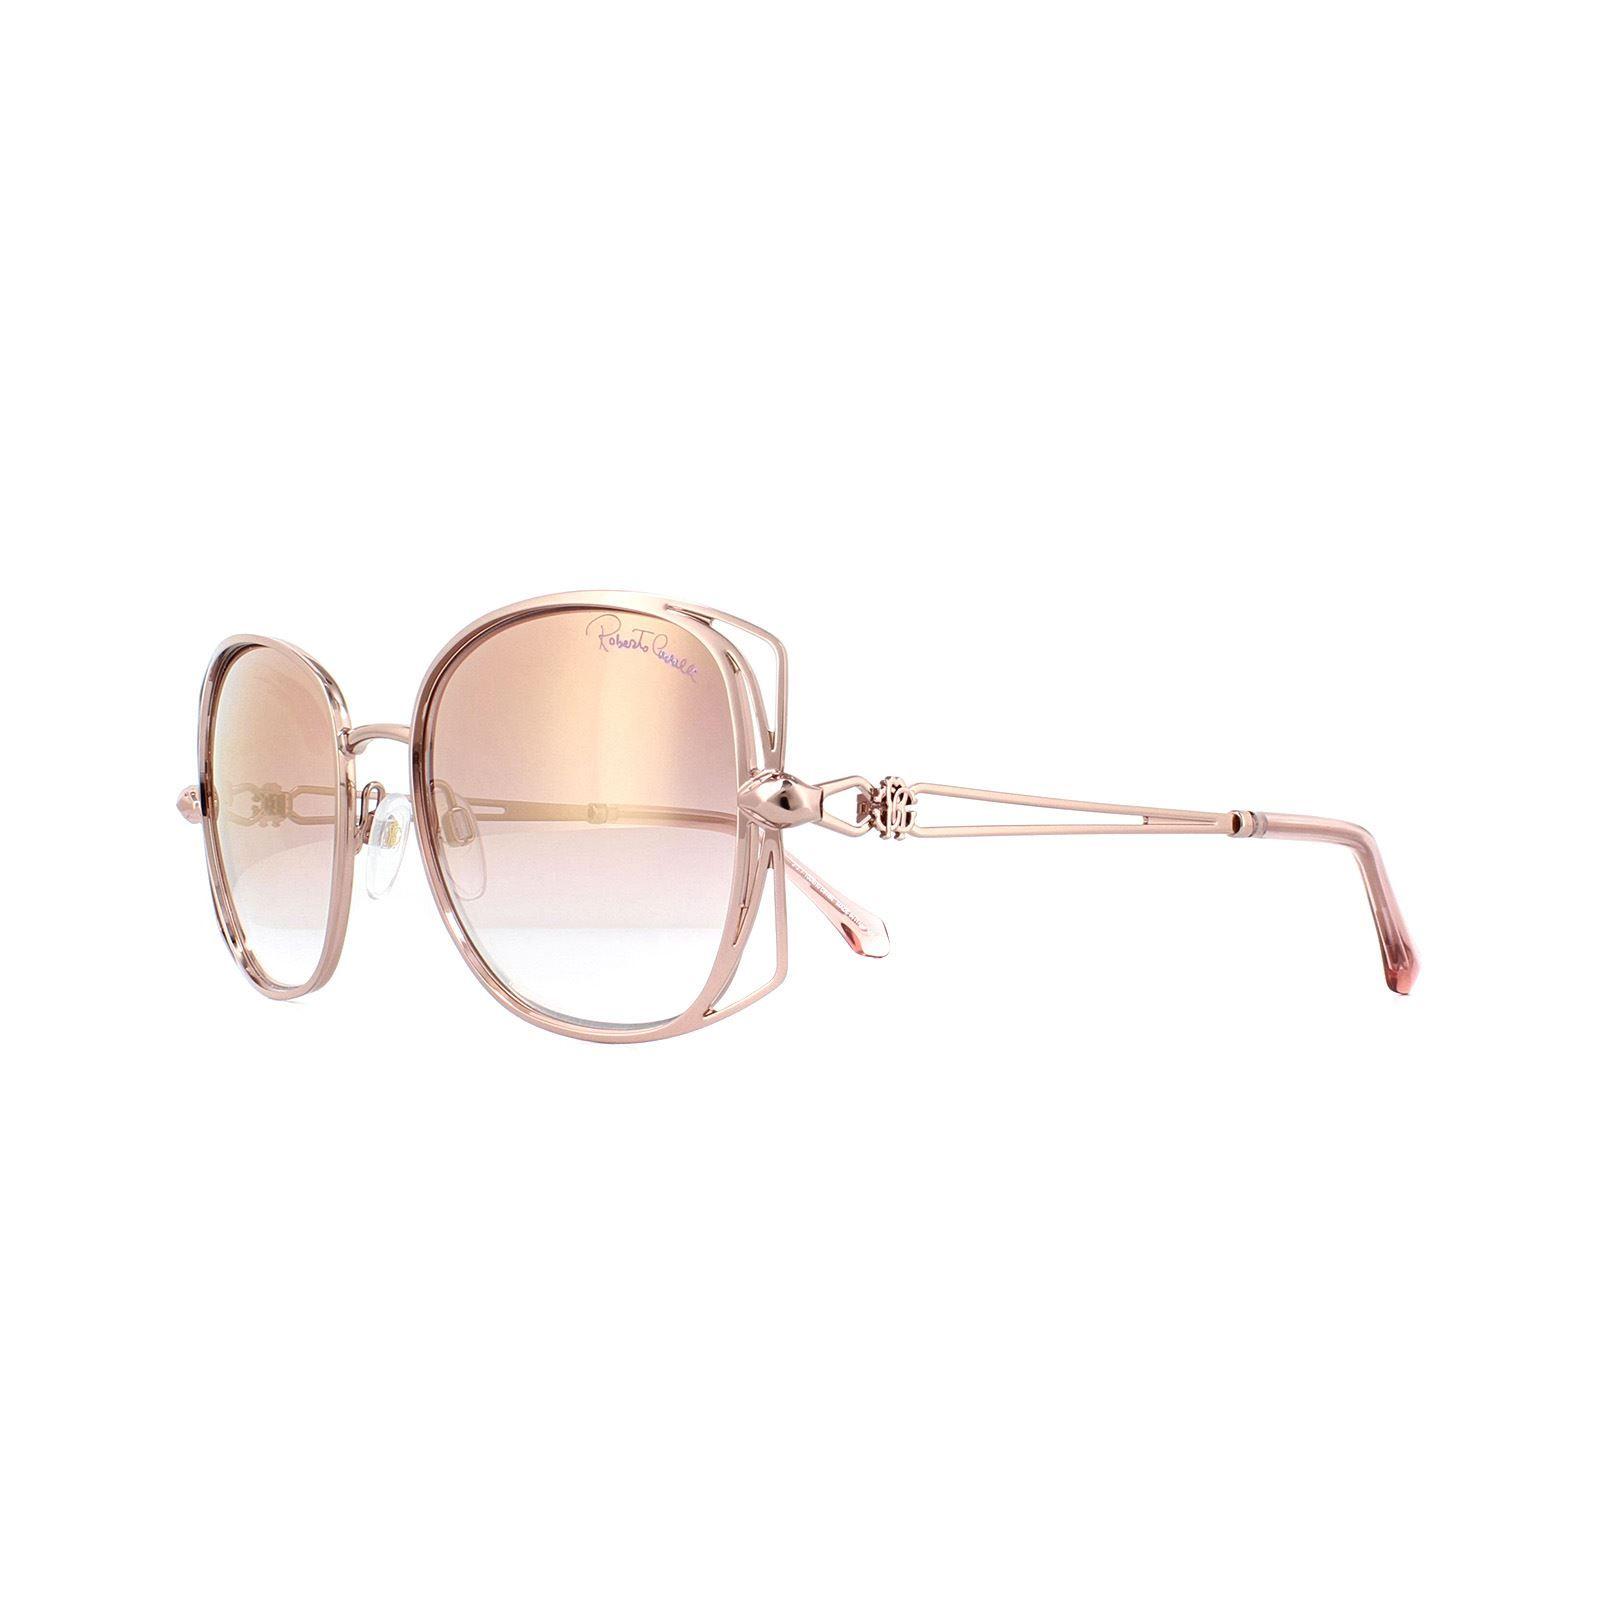 Roberto Cavalli Sunglasses Casentino RC1031 34U Bronze Bordeaux Mirror